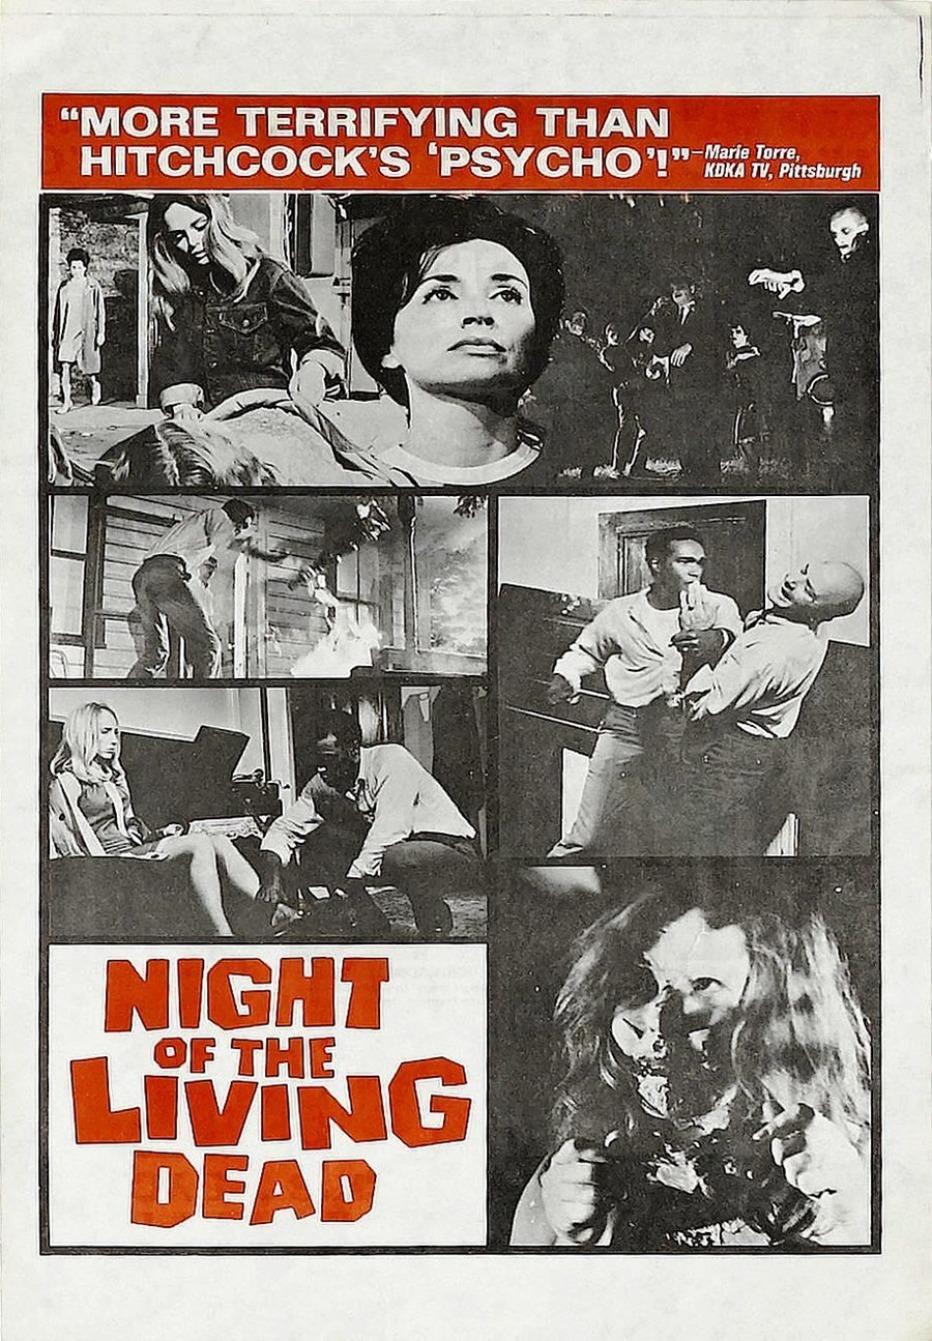 la-notte-dei-morti-viventi-night-of-living-dead-1968-george-a-romero-33.jpg